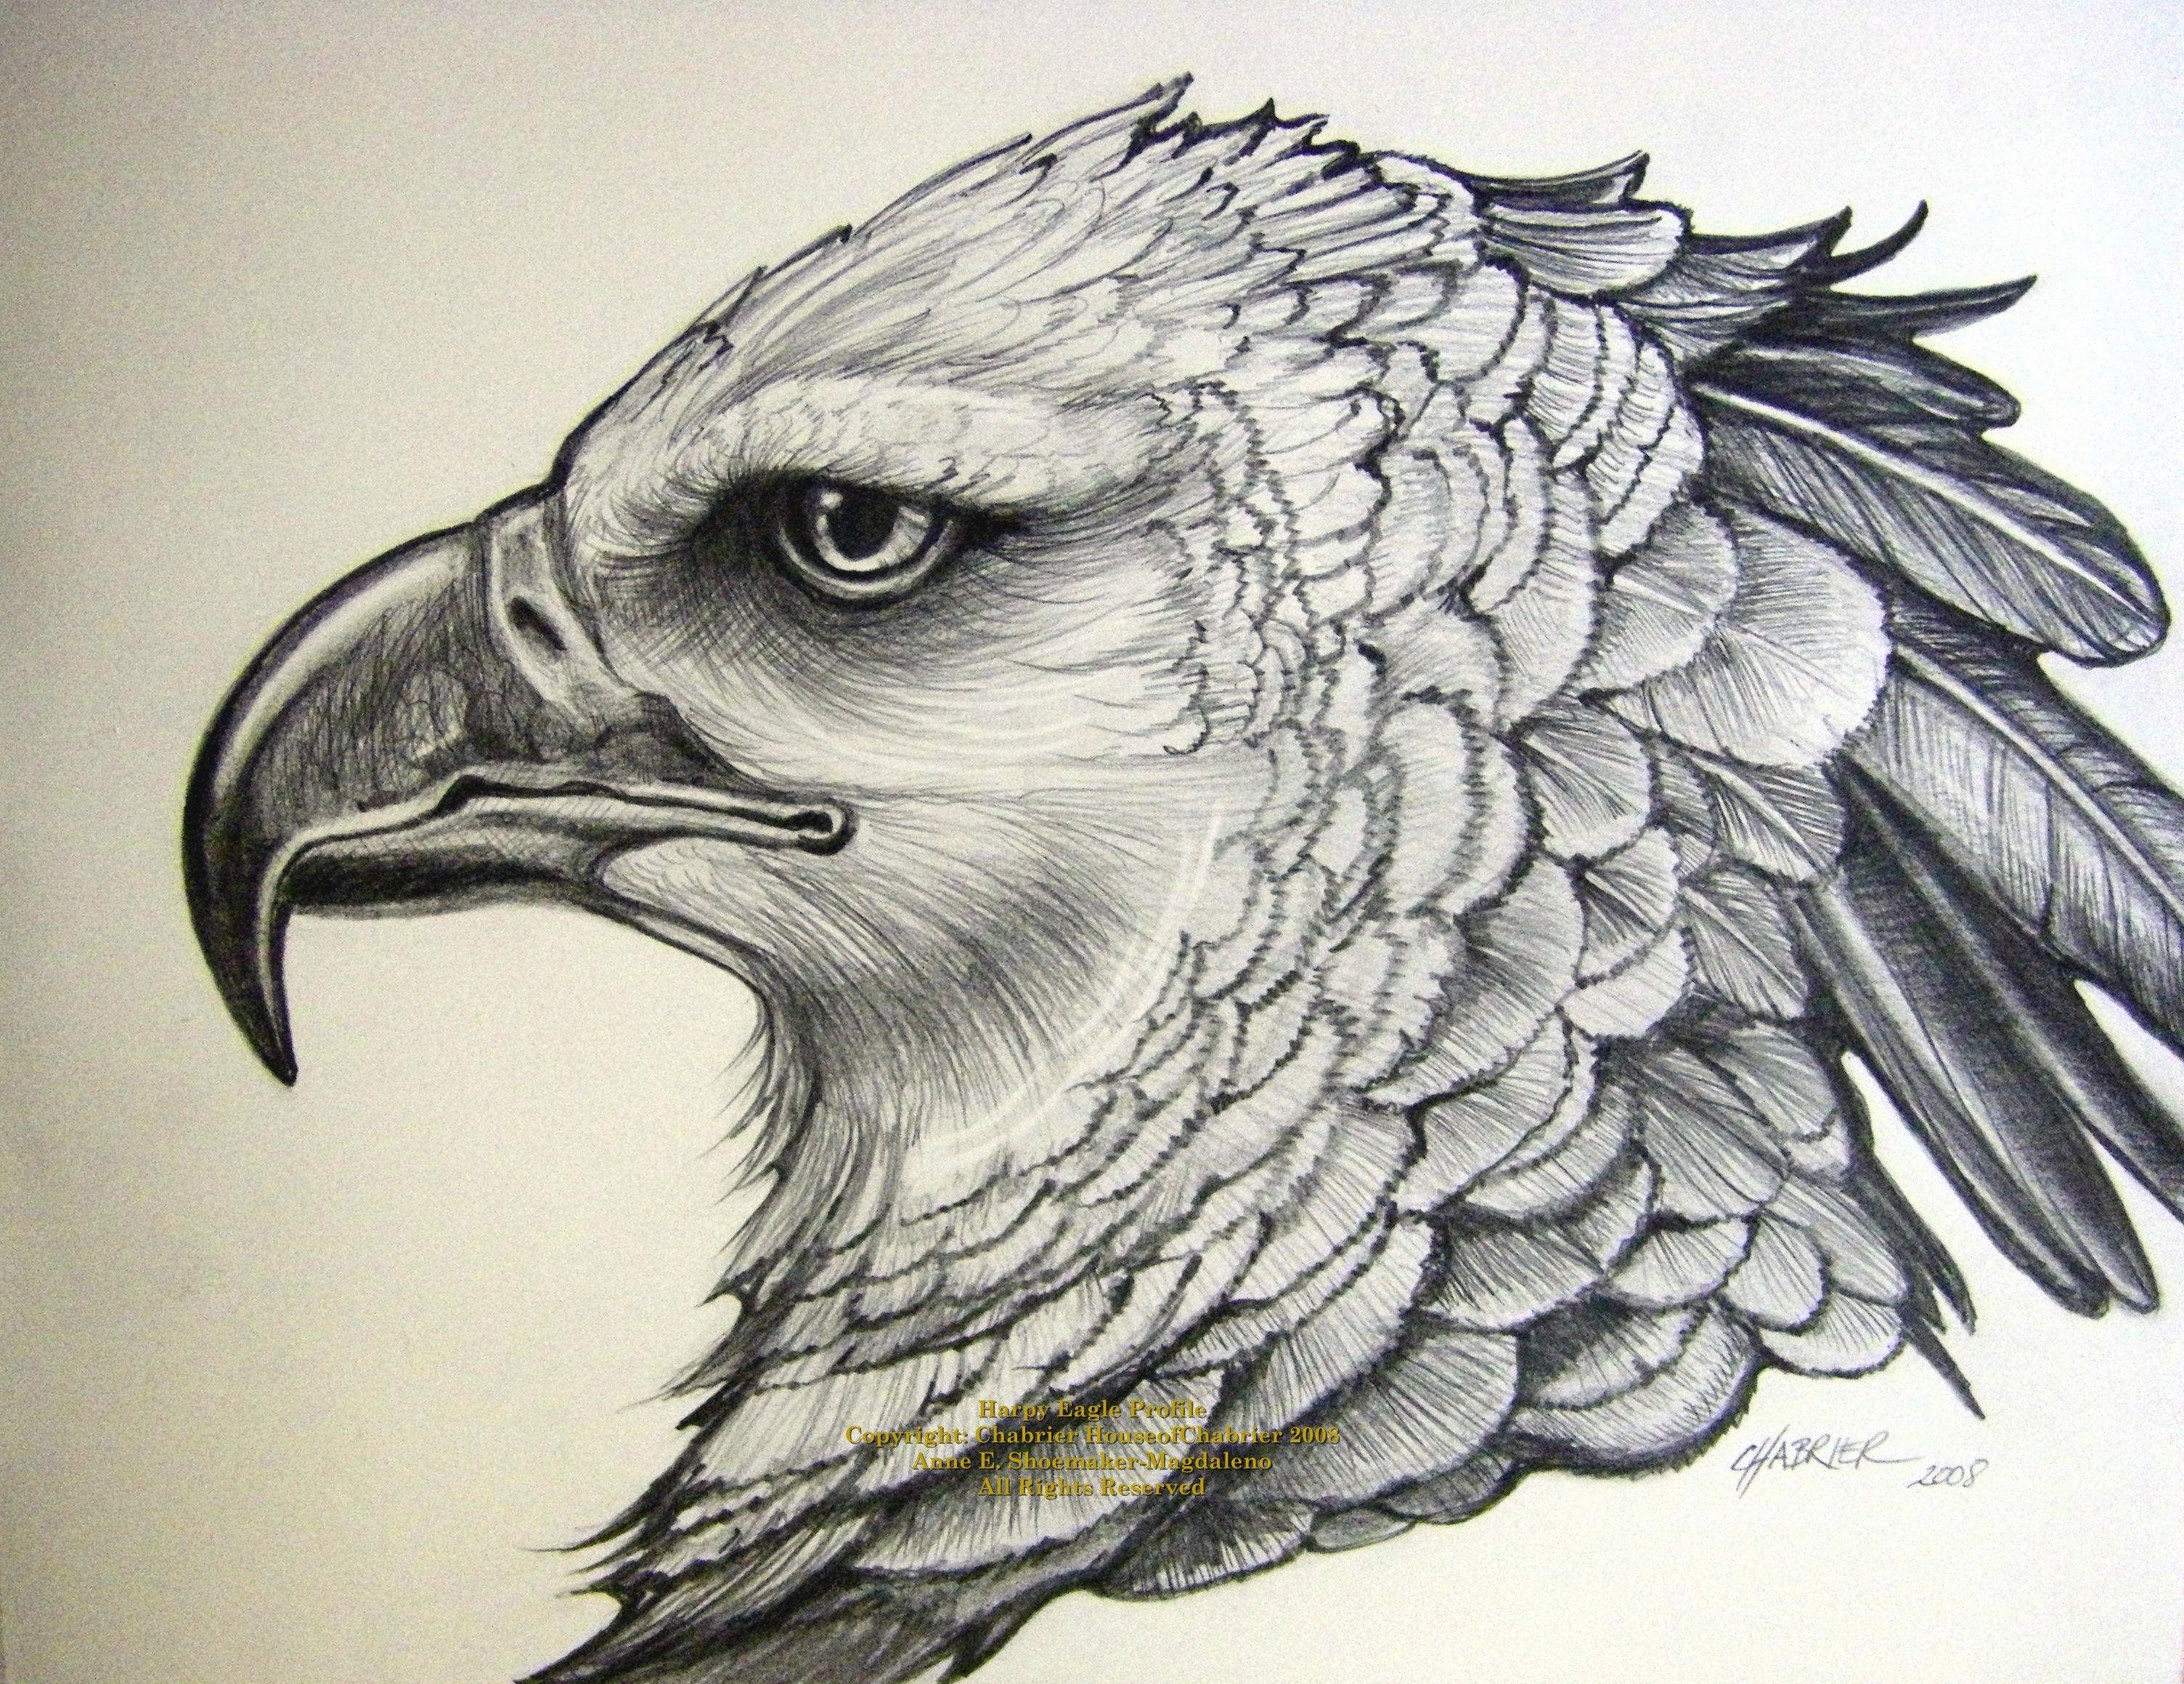 выполняя картинки эскизы тату орла самоизоляции распространяется